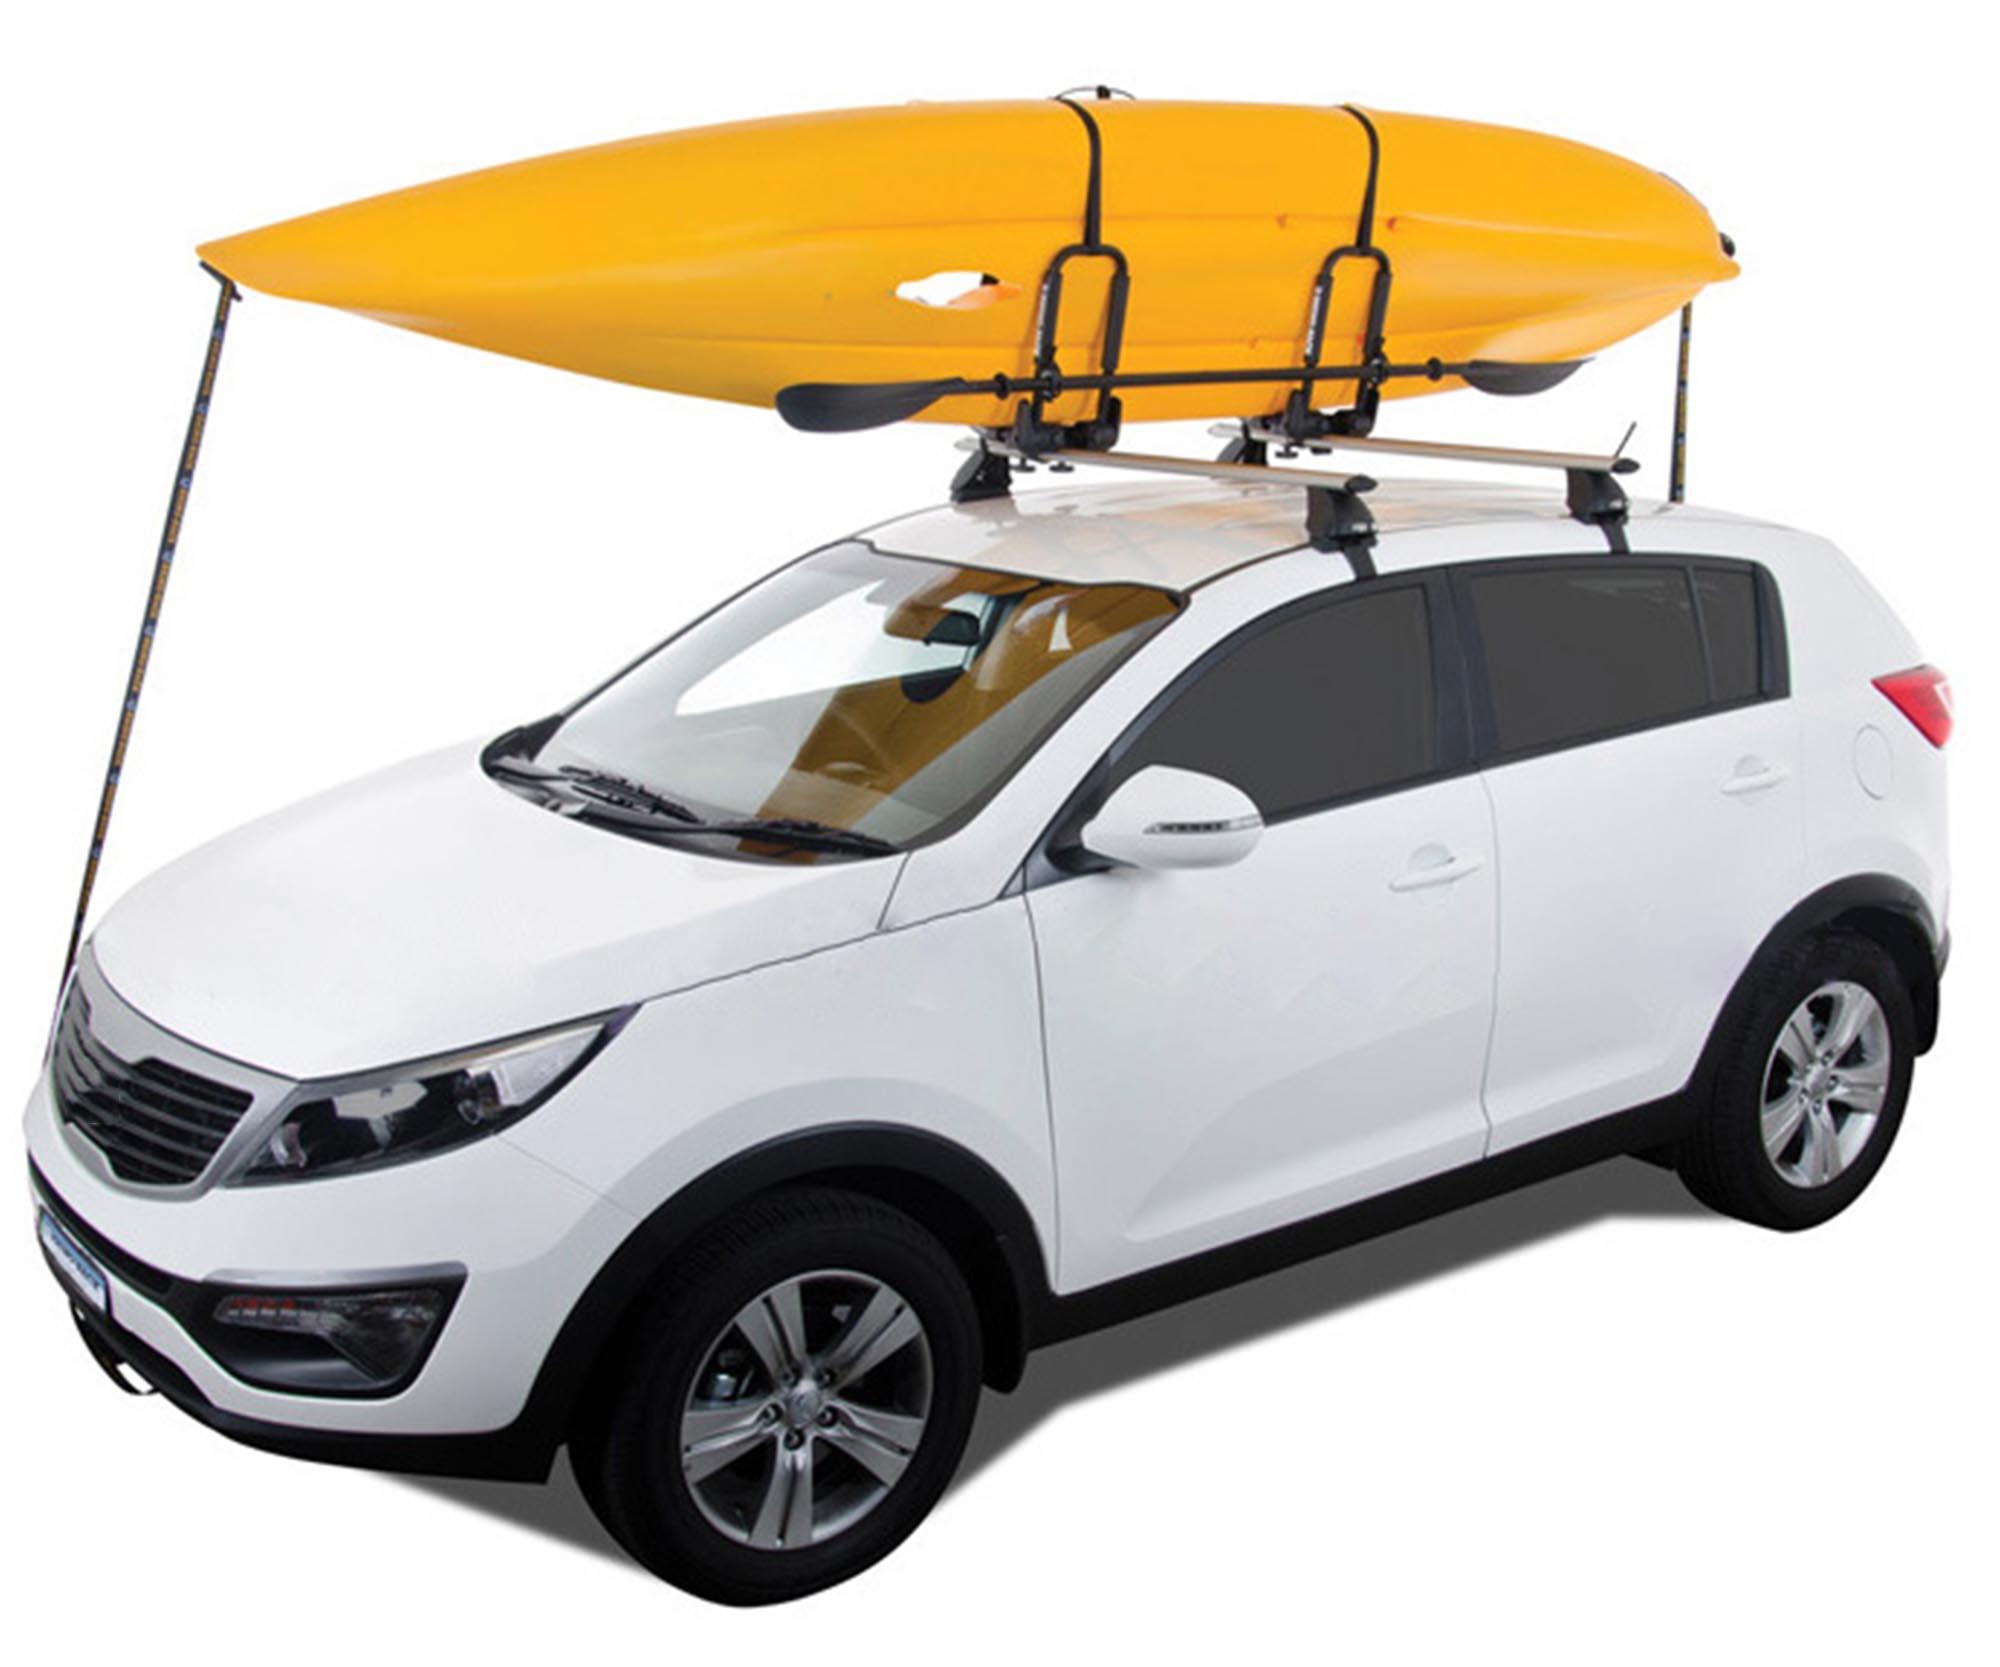 news ve kayak car mclaren youve you always the rack wanted